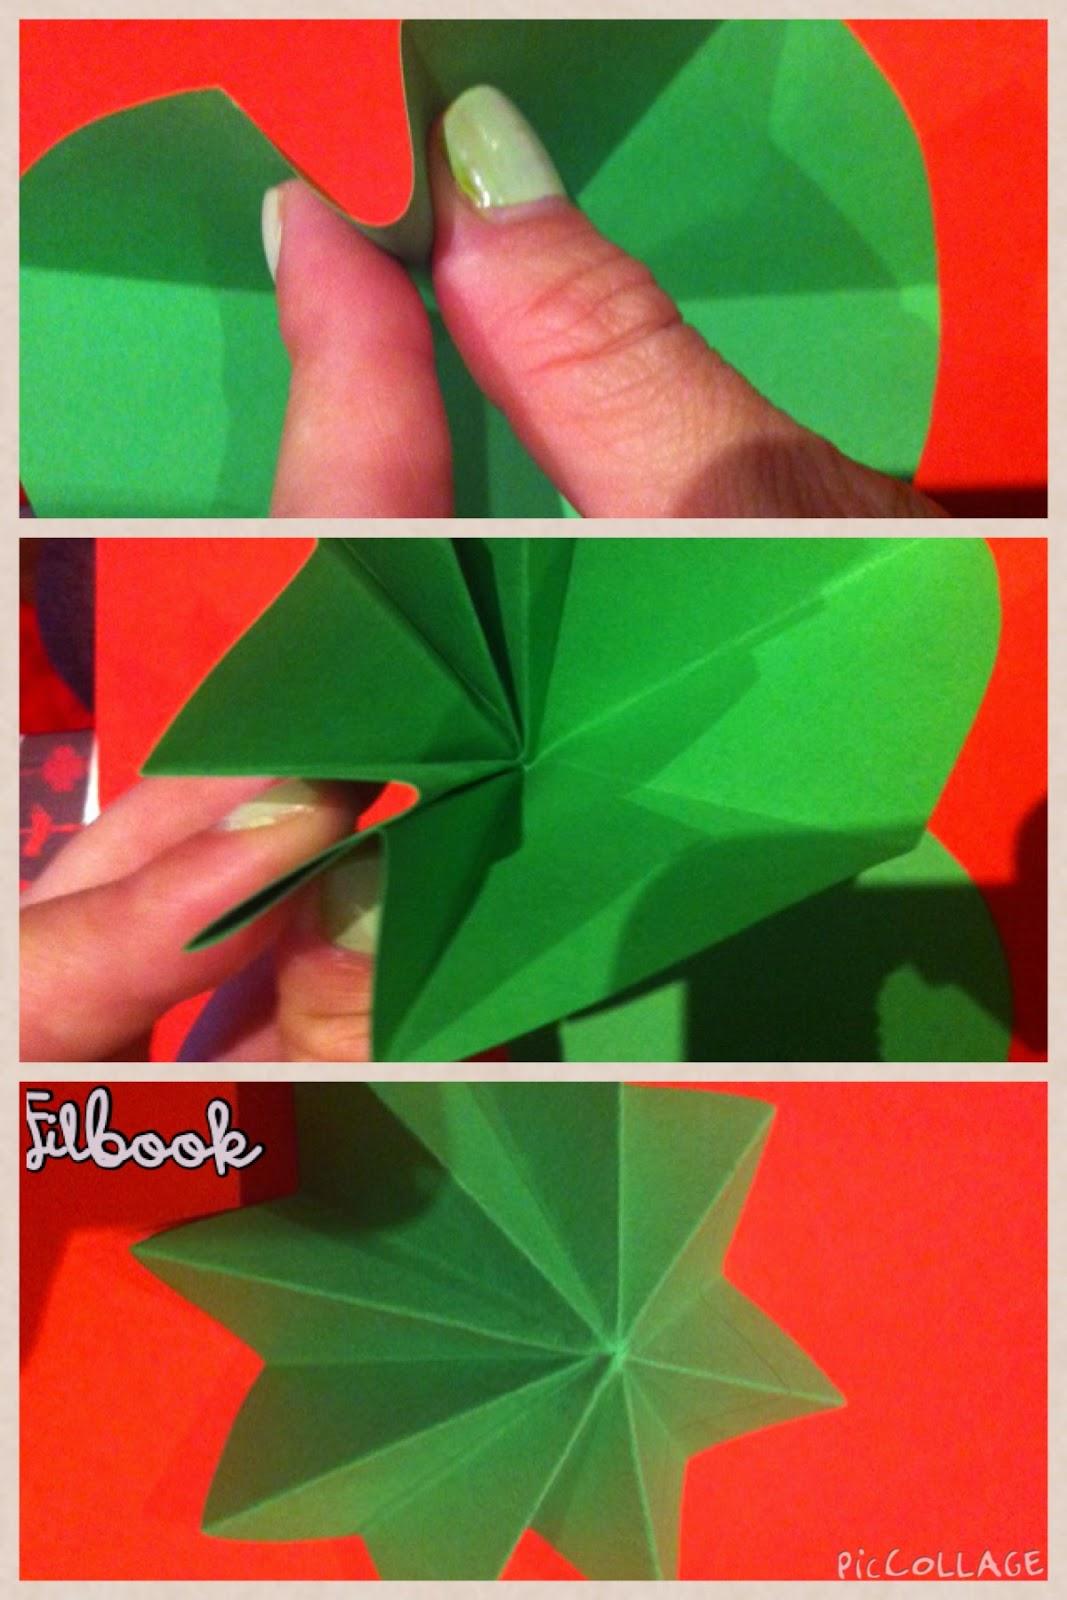 Fil book activit s pour enfant atelier d coration papier - Decoration en papier ...